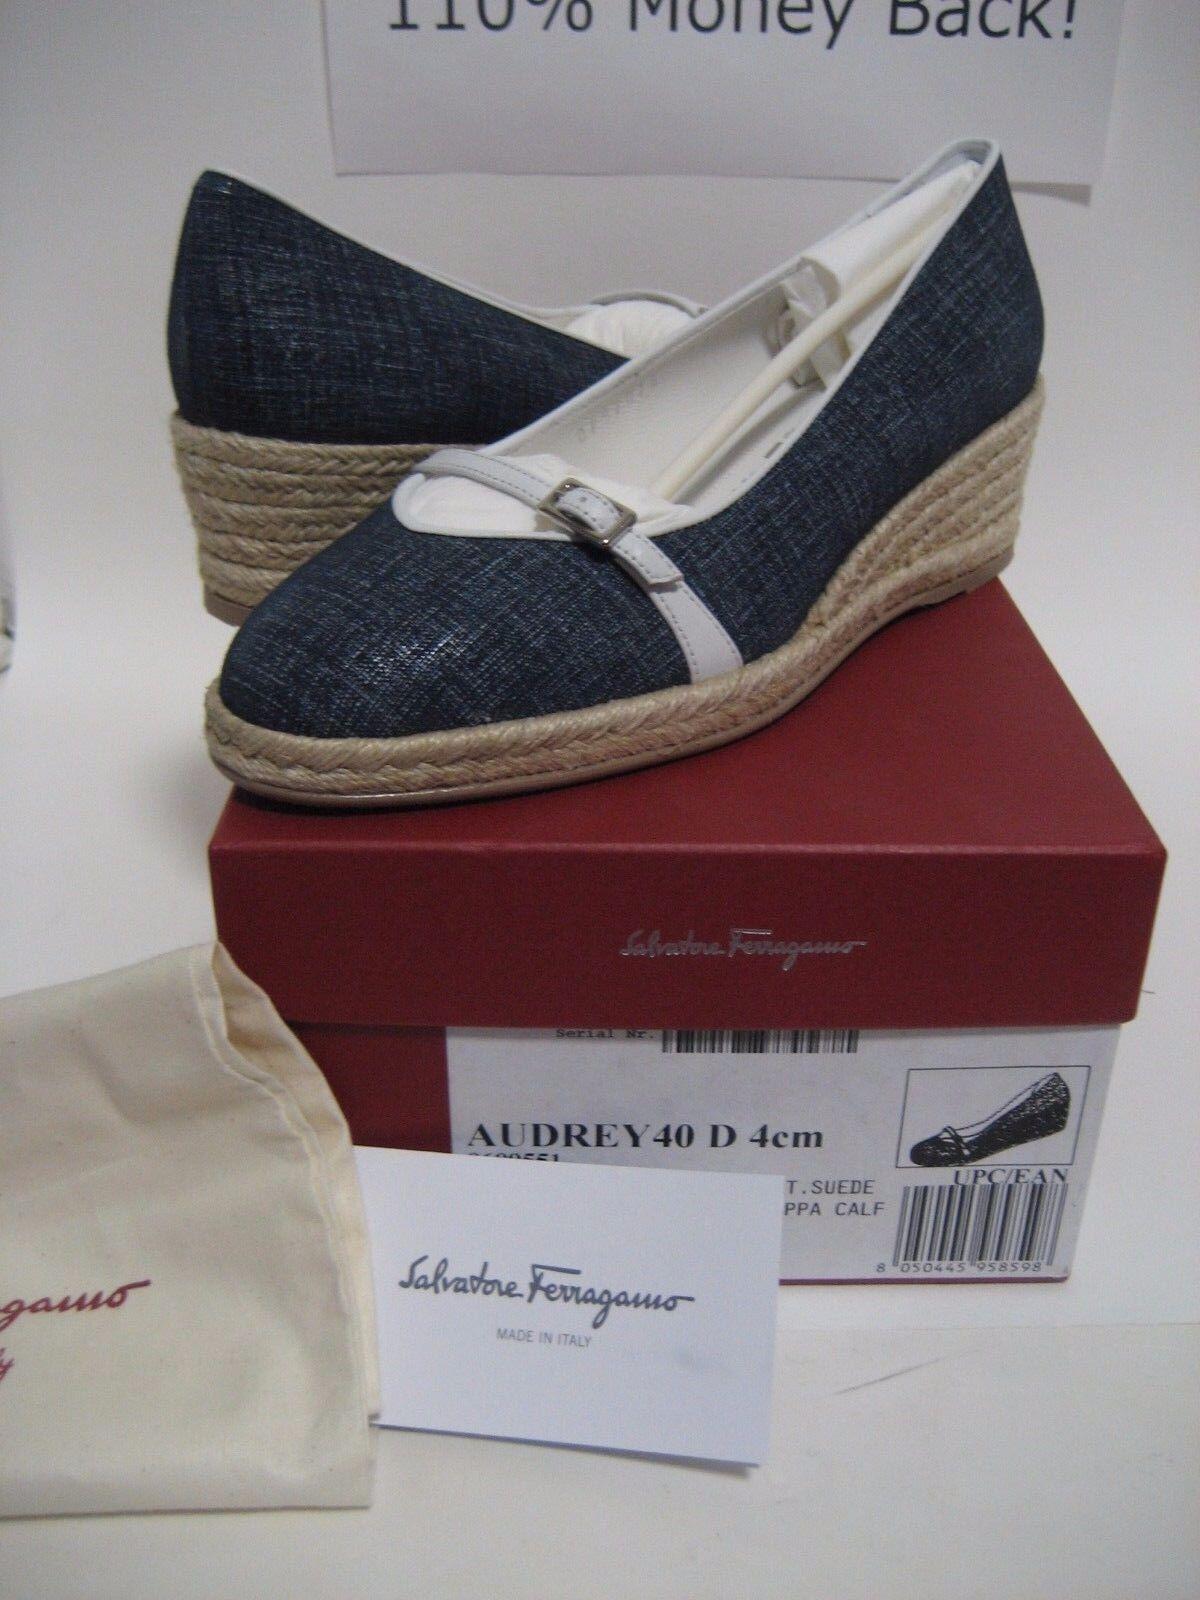 450 NUOVO Salvatore  Ferragamo Audrey Oxford blu Wedge Heels scarpe US 7 -10.5 BOX  migliore offerta